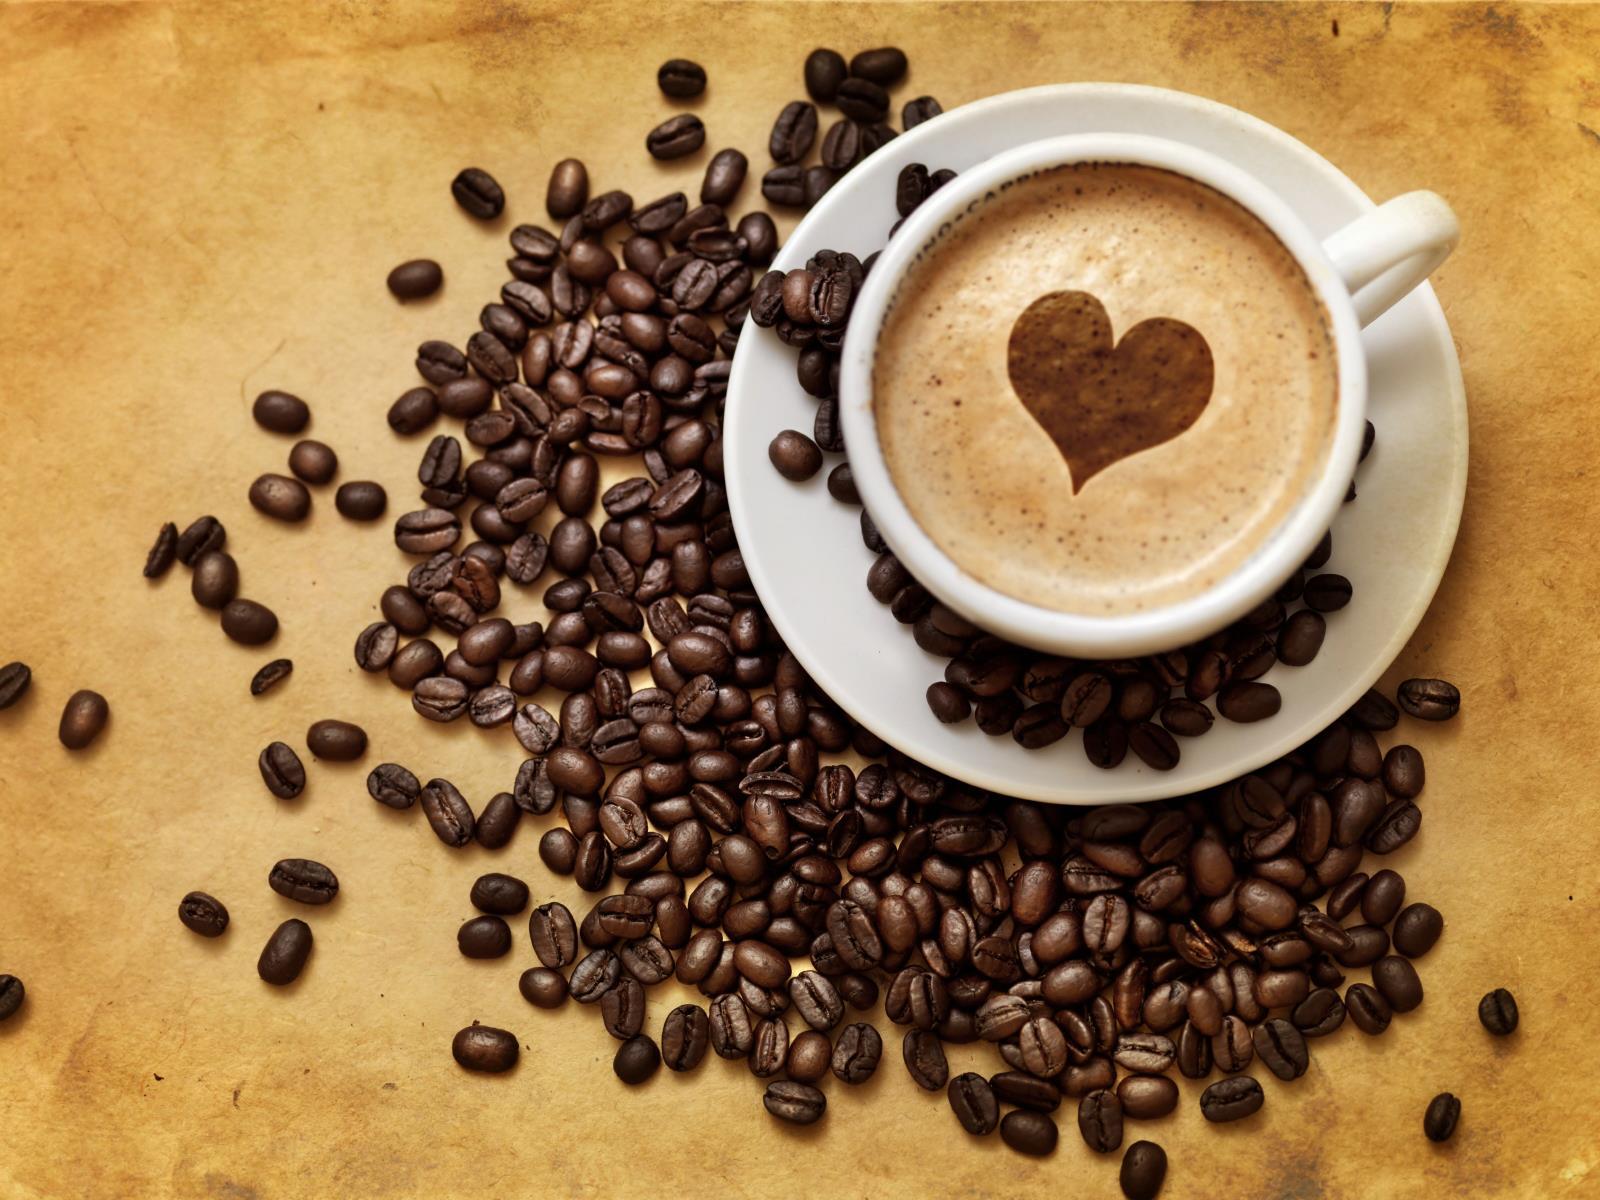 Καφετέριες και καταστήματα εστίασης 2 στις 10 επιχειρήσεις που ανοίγουν στη Μαγνησία